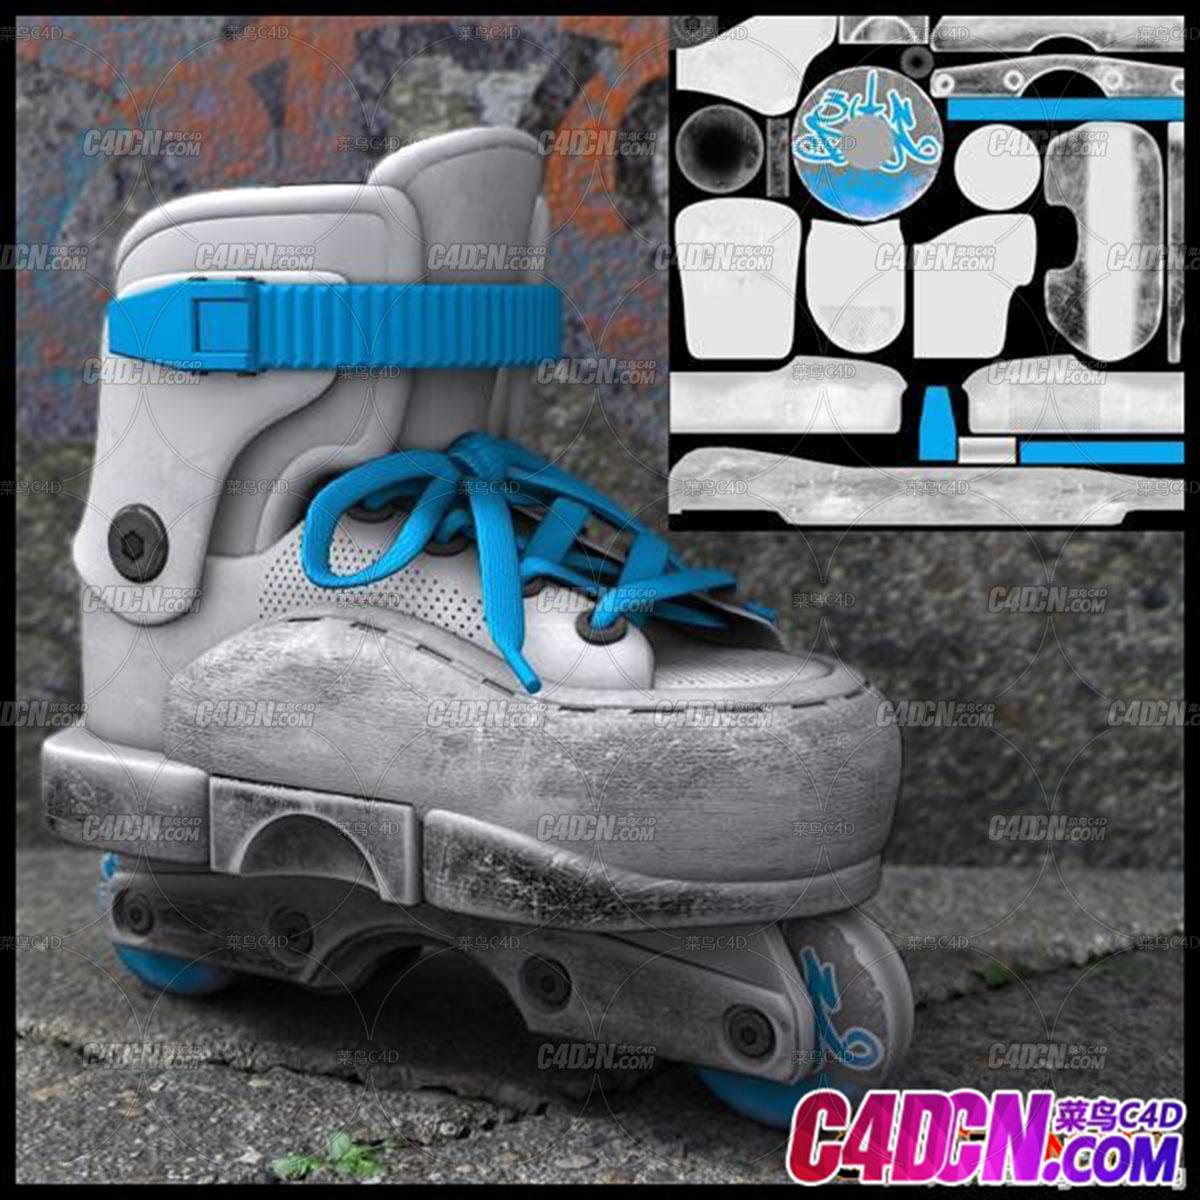 白色二轮旱冰鞋 Skates